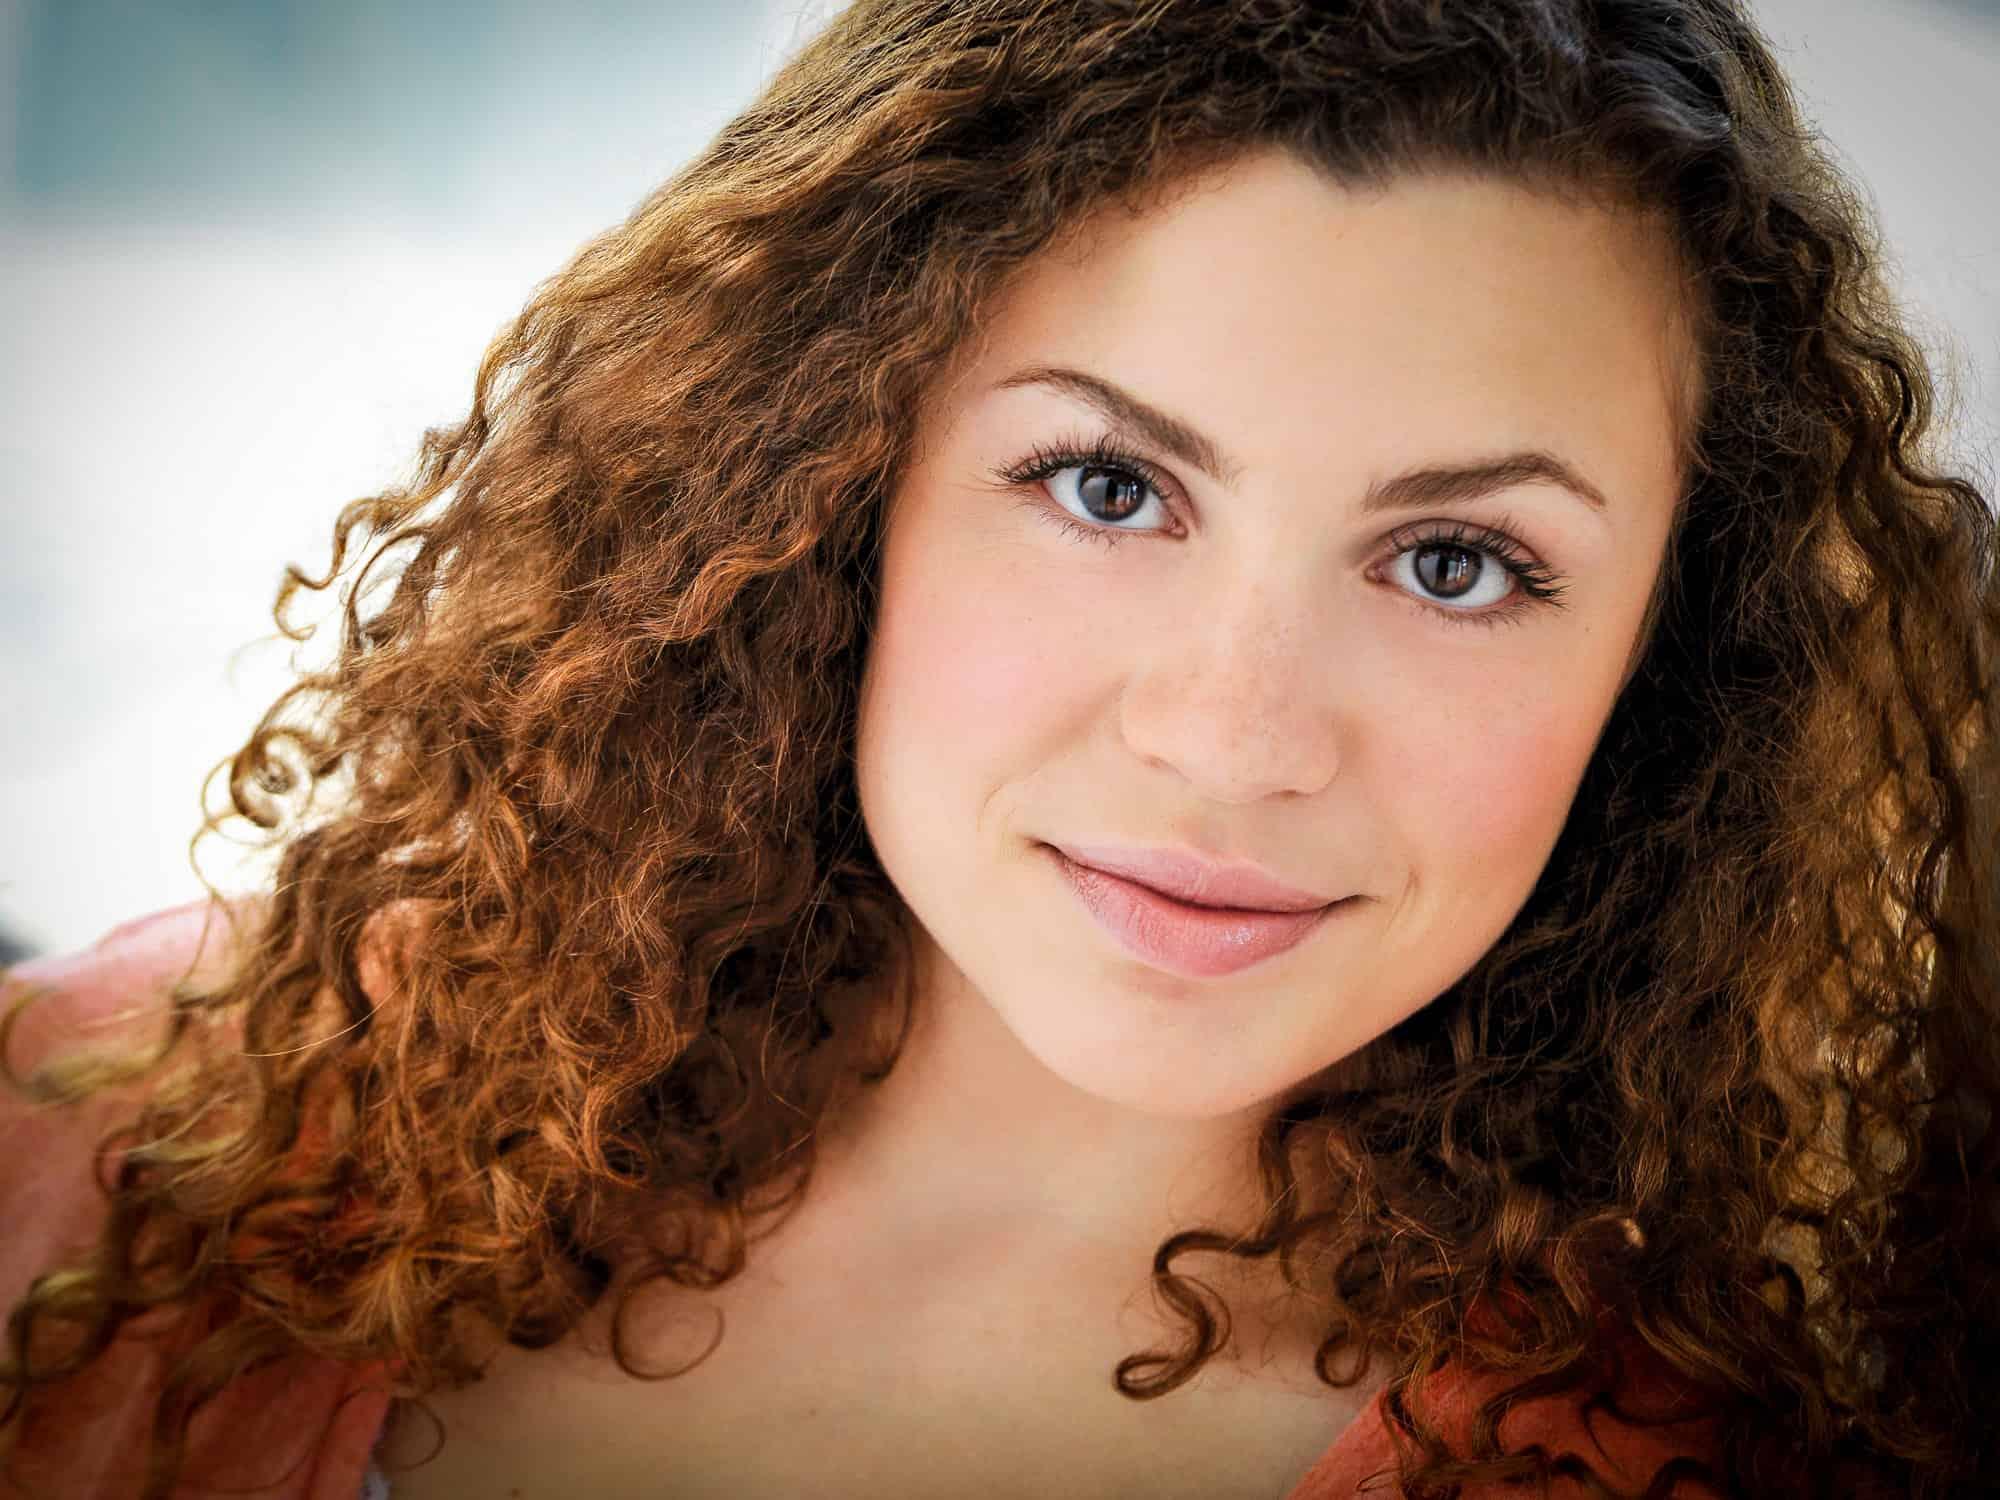 Headshots NYC - Actor Headshots Rebecca H